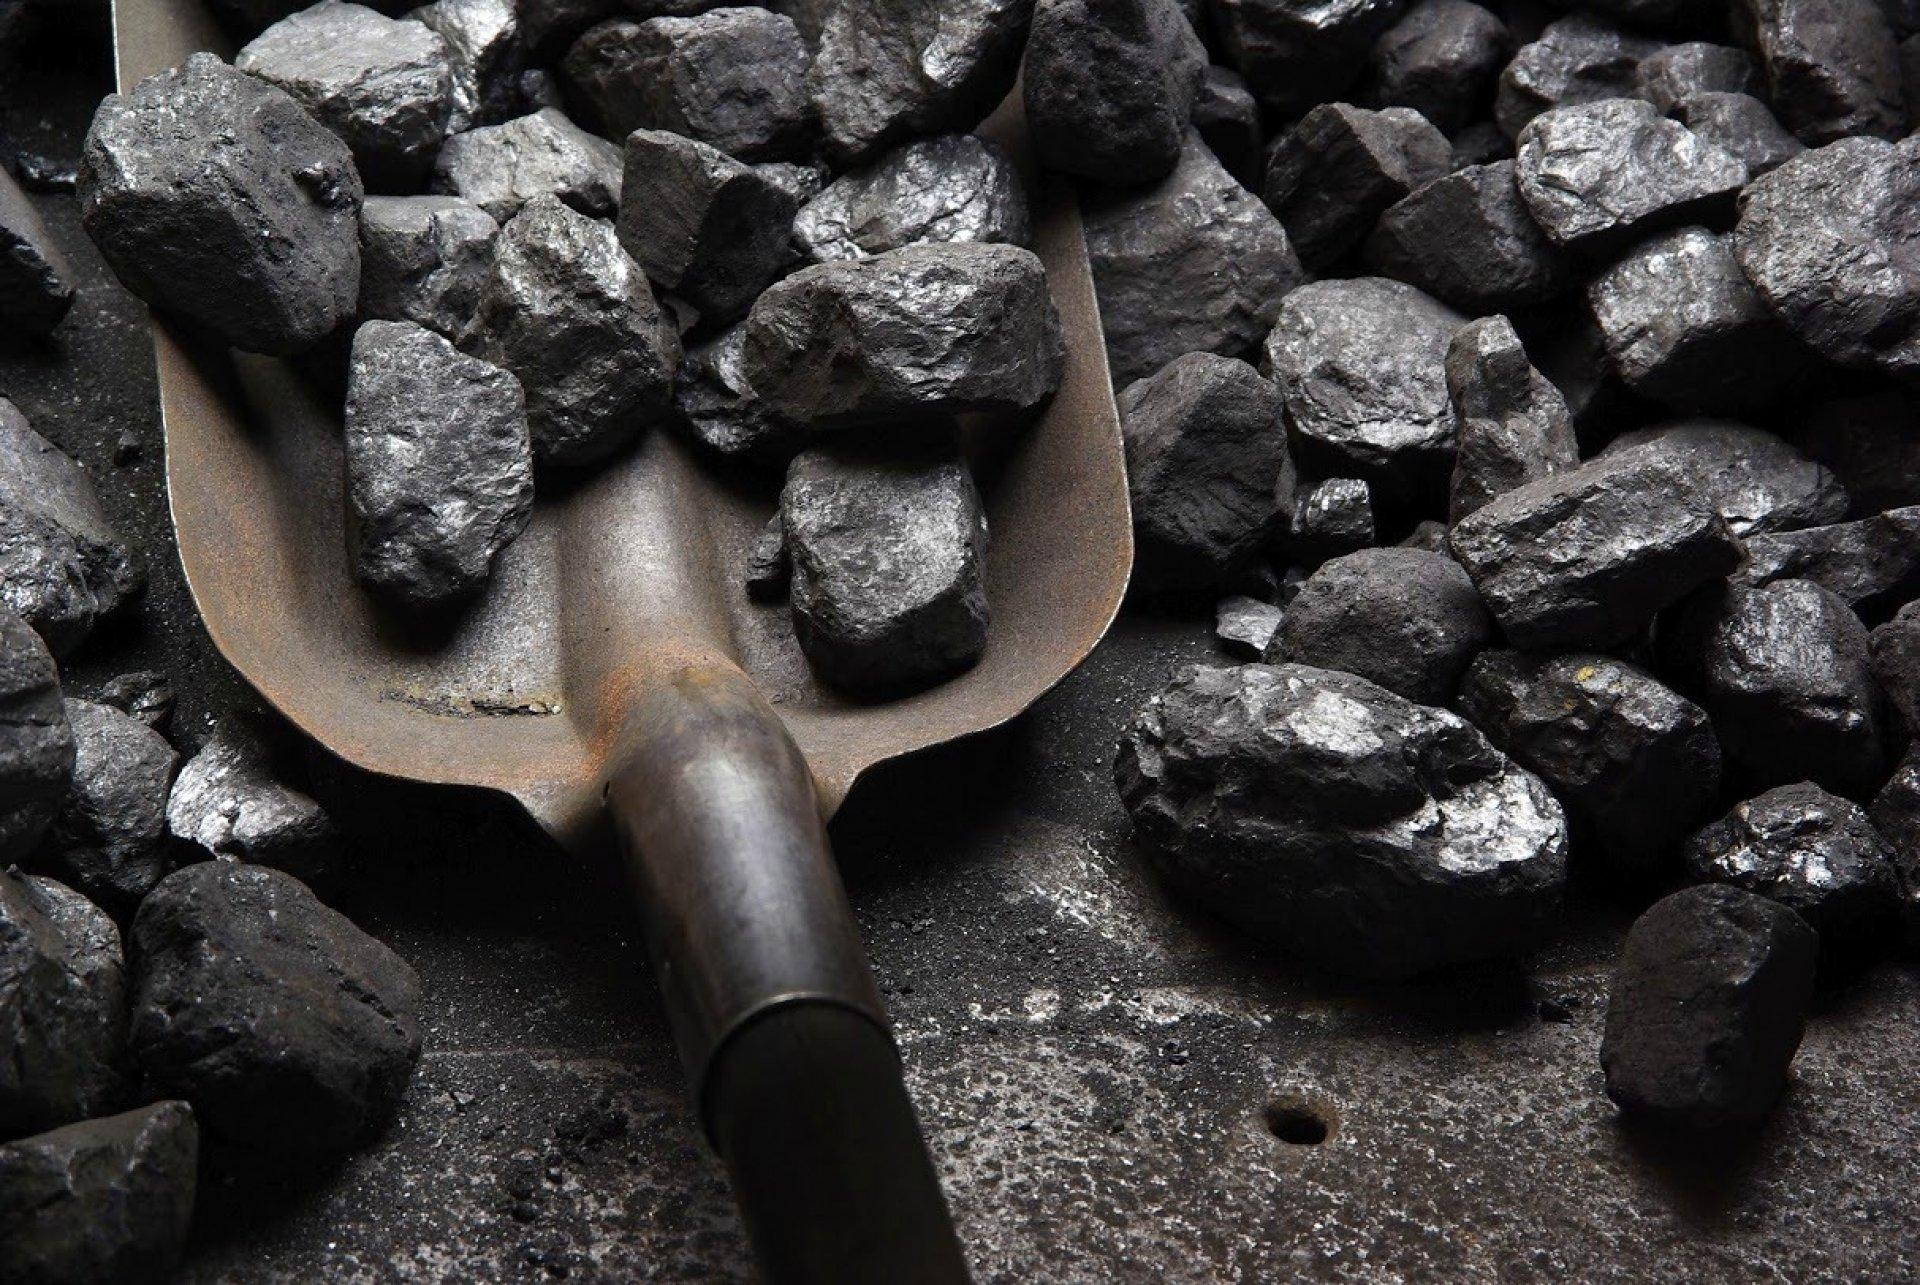 Уголь в российских портах: с каждым годом пыли будет все больше